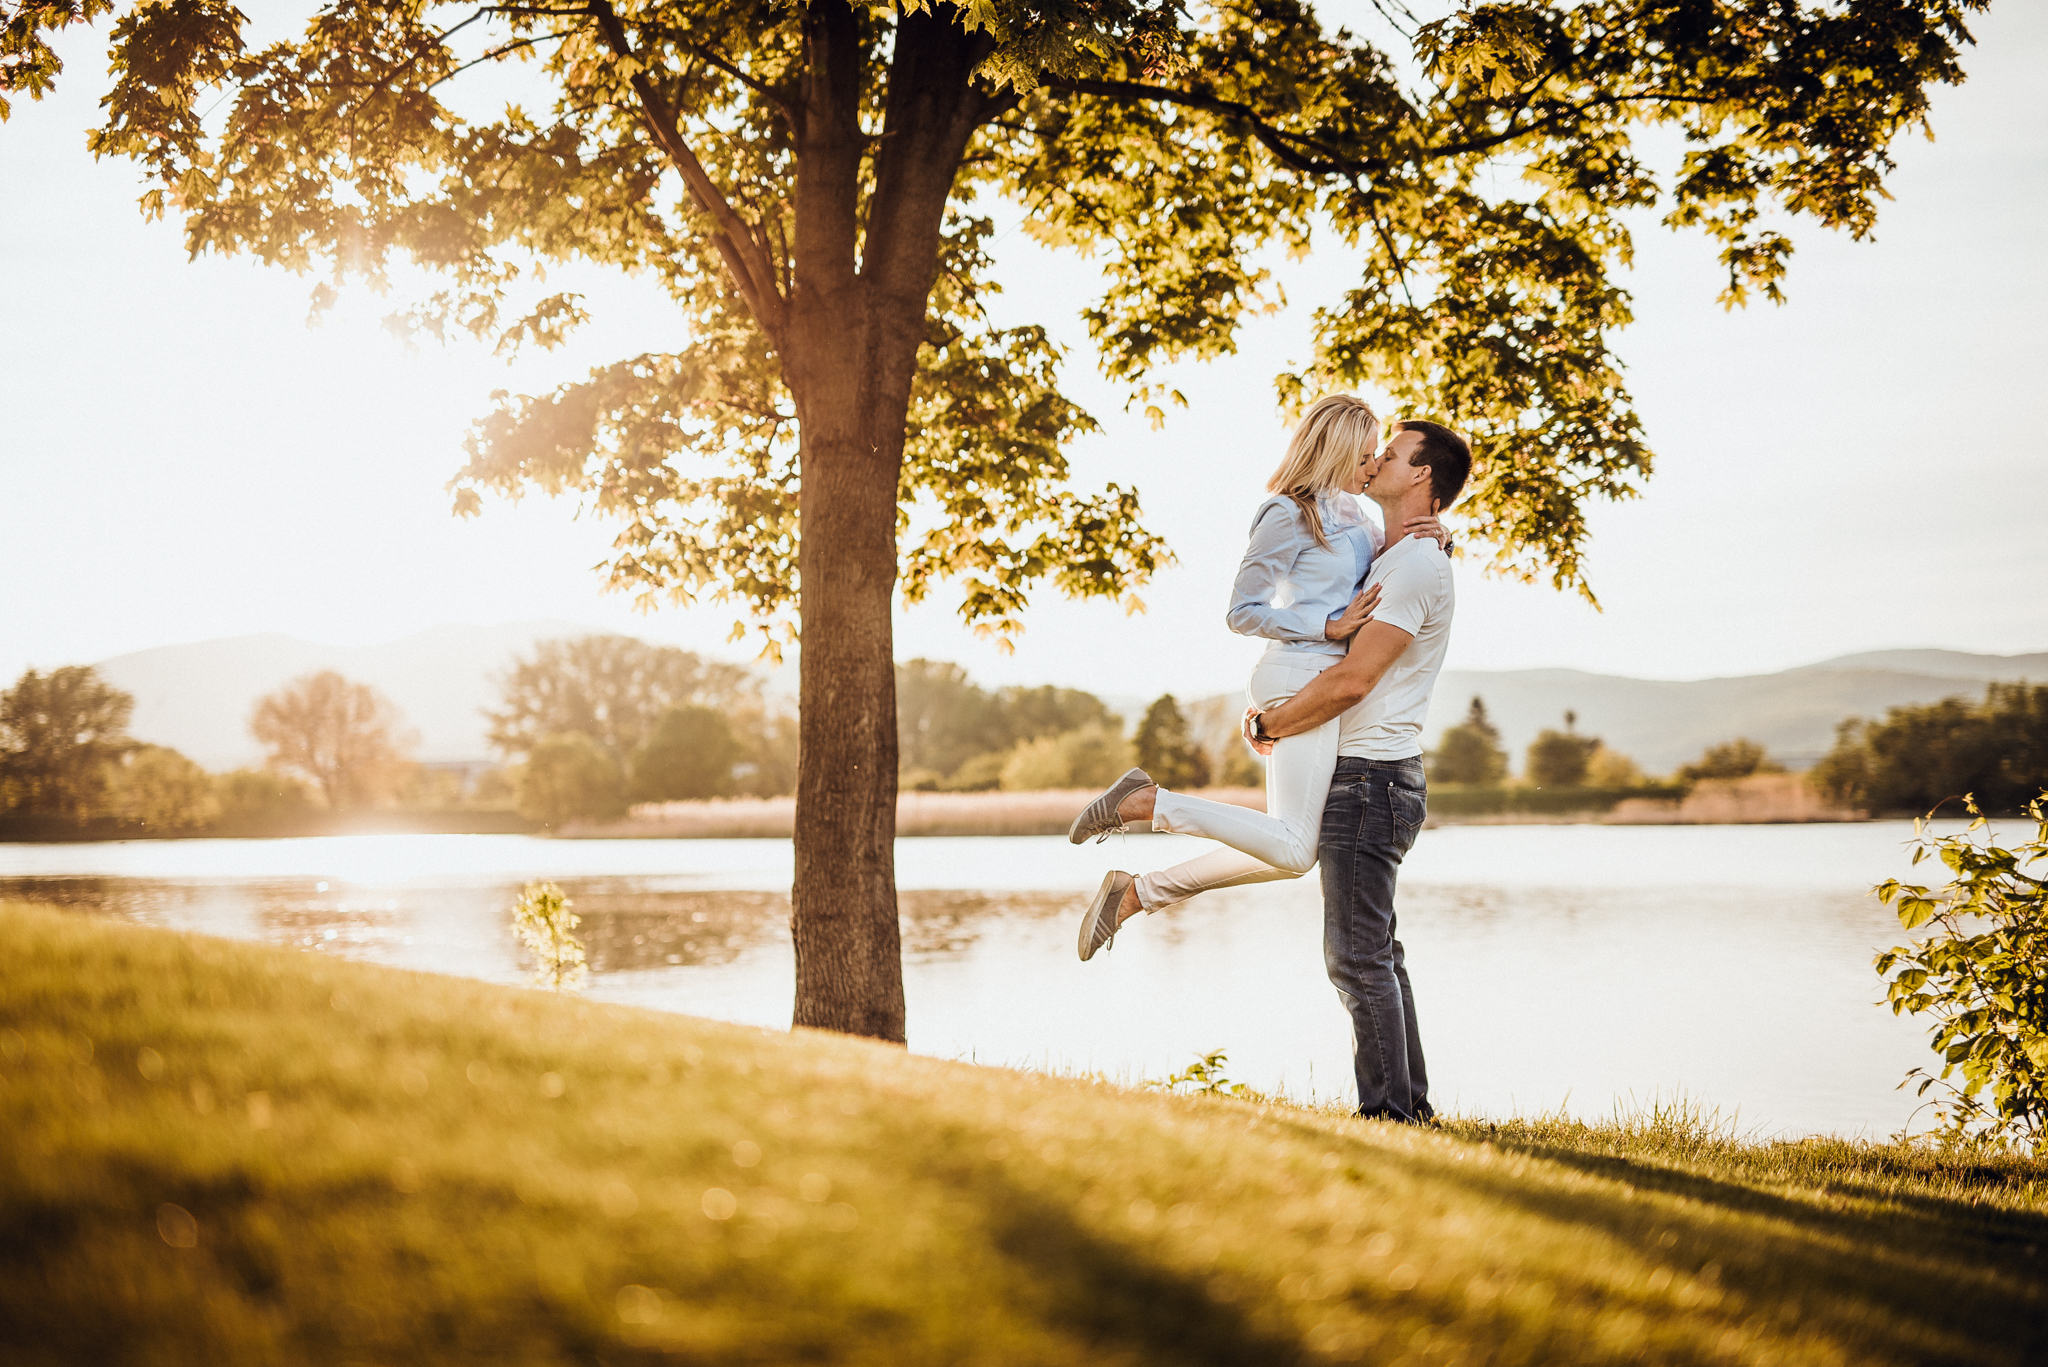 láska, pár, bozk, príroda, západ slnka, Trenčín, golfové ihrisko, rieka, Váh